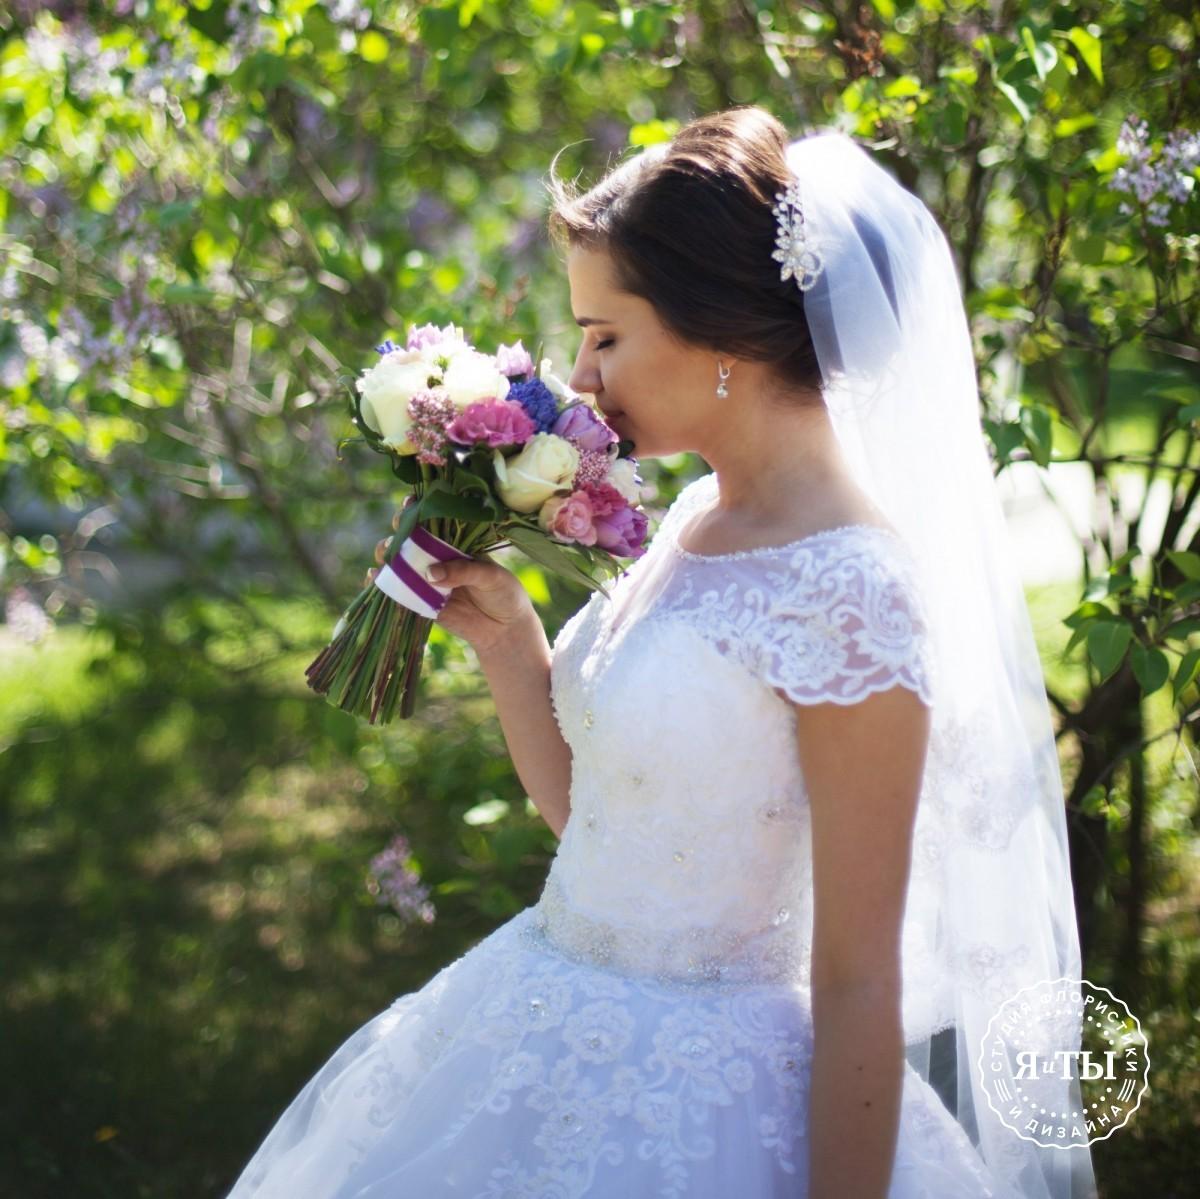 Душистый свадебный букет с гиацинтами и тюльпанами